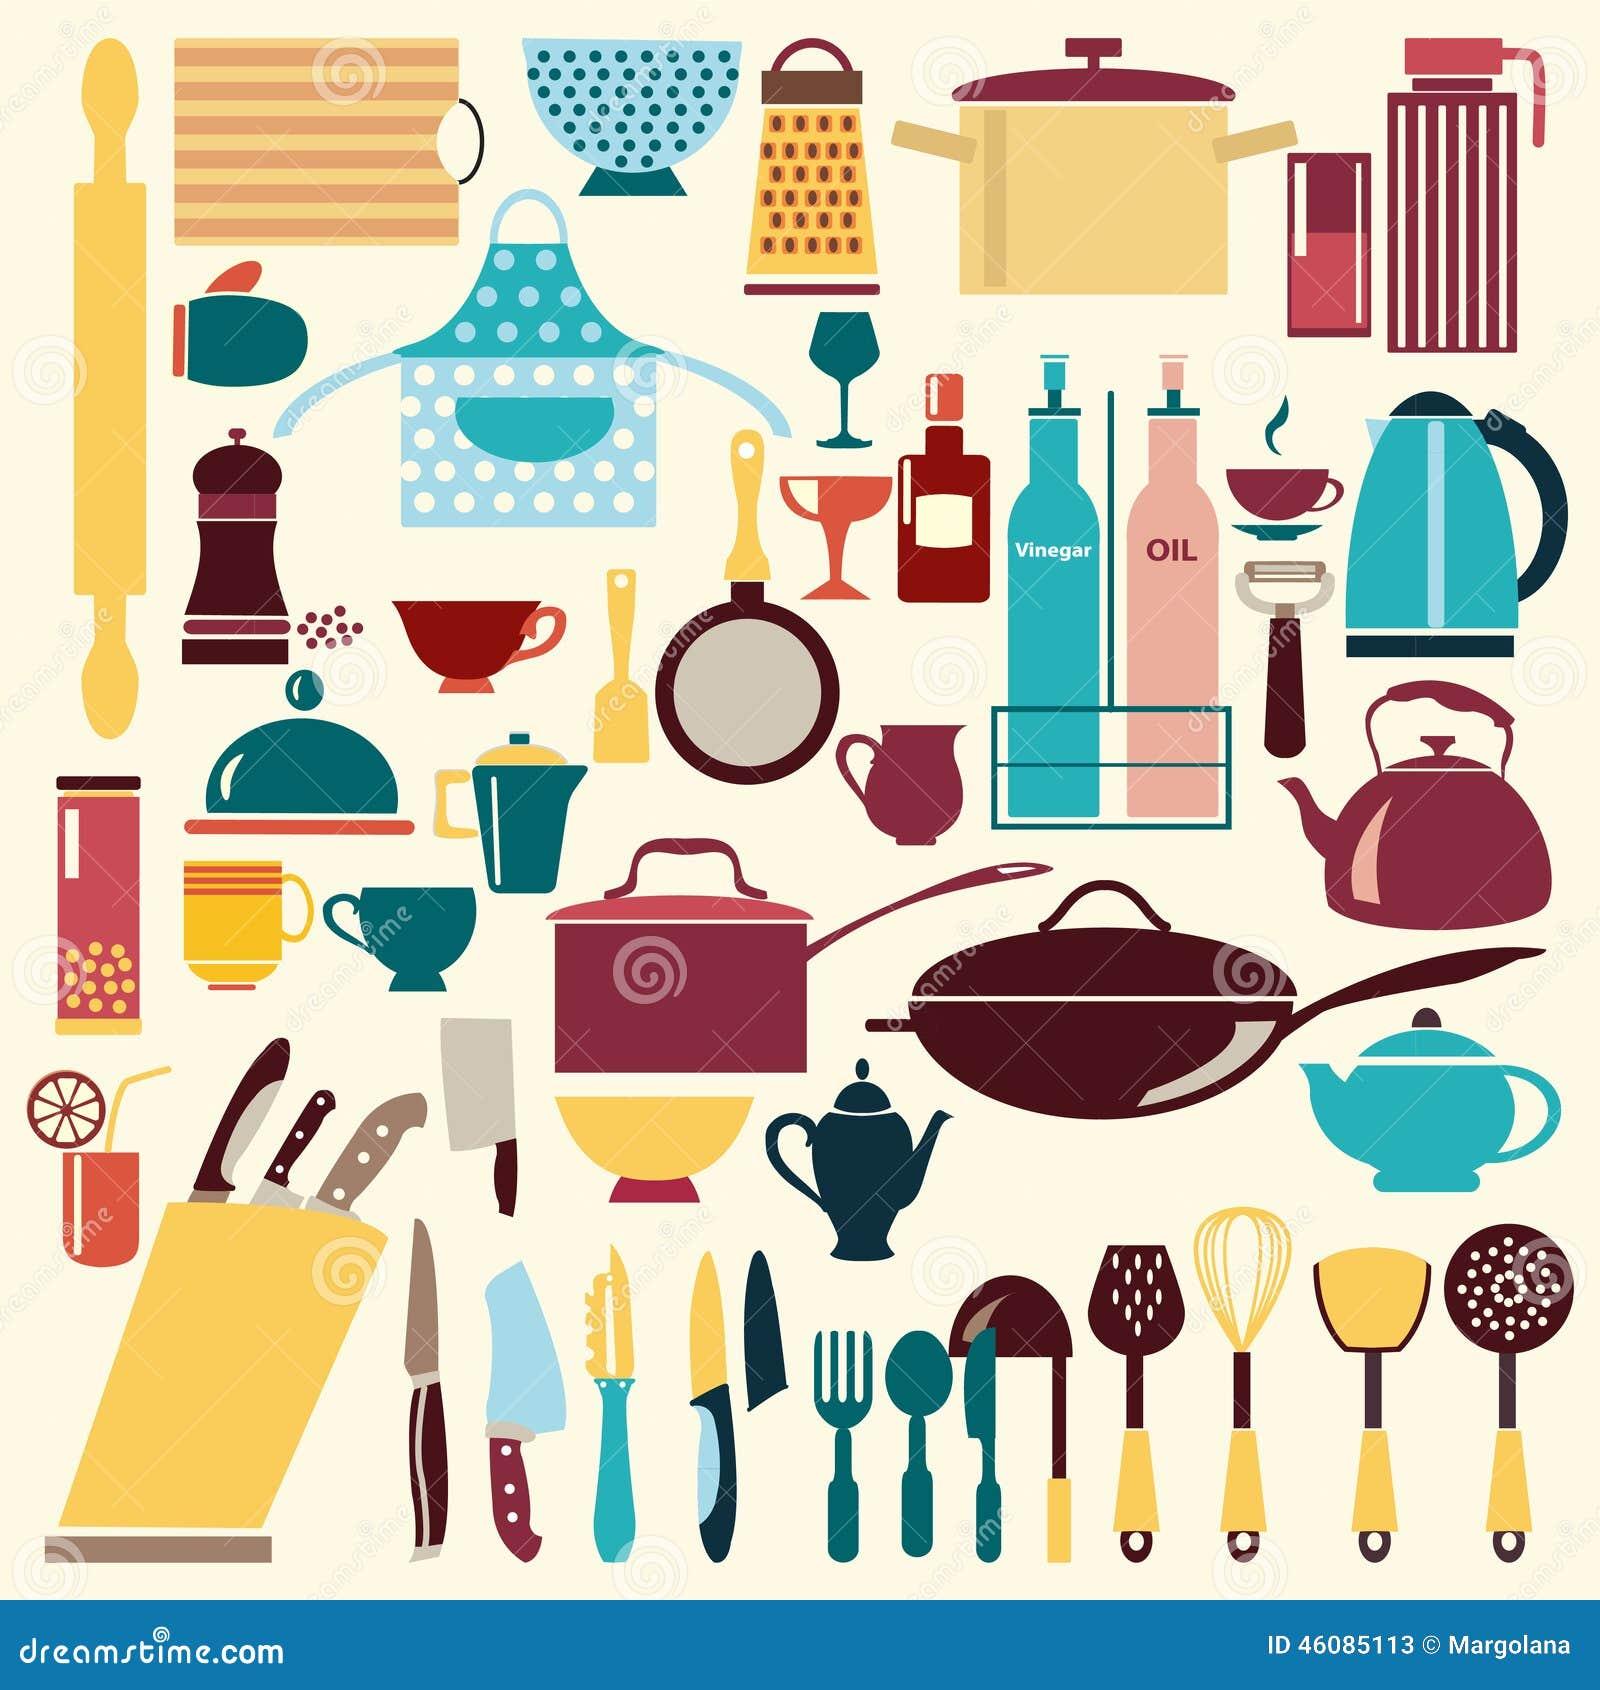 Art culos de cocina fijado ejemplo ilustraci n del for Articulos de cocina